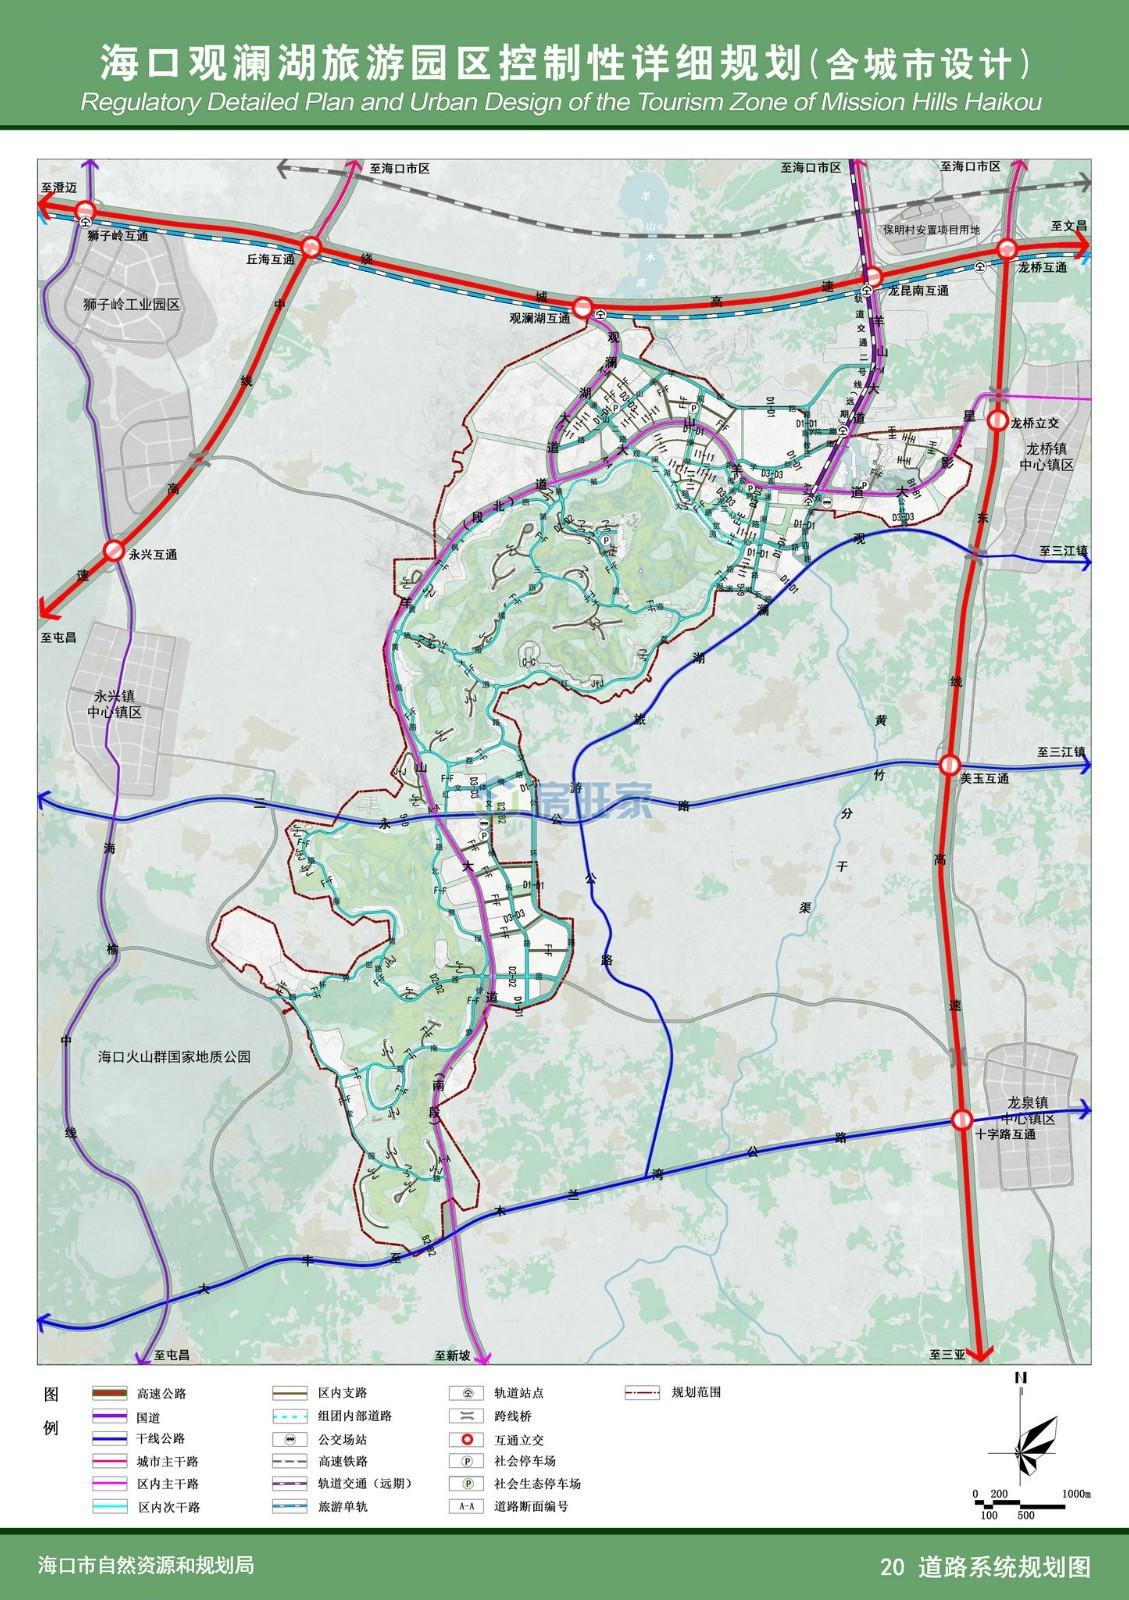 观澜湖道路系统规划图